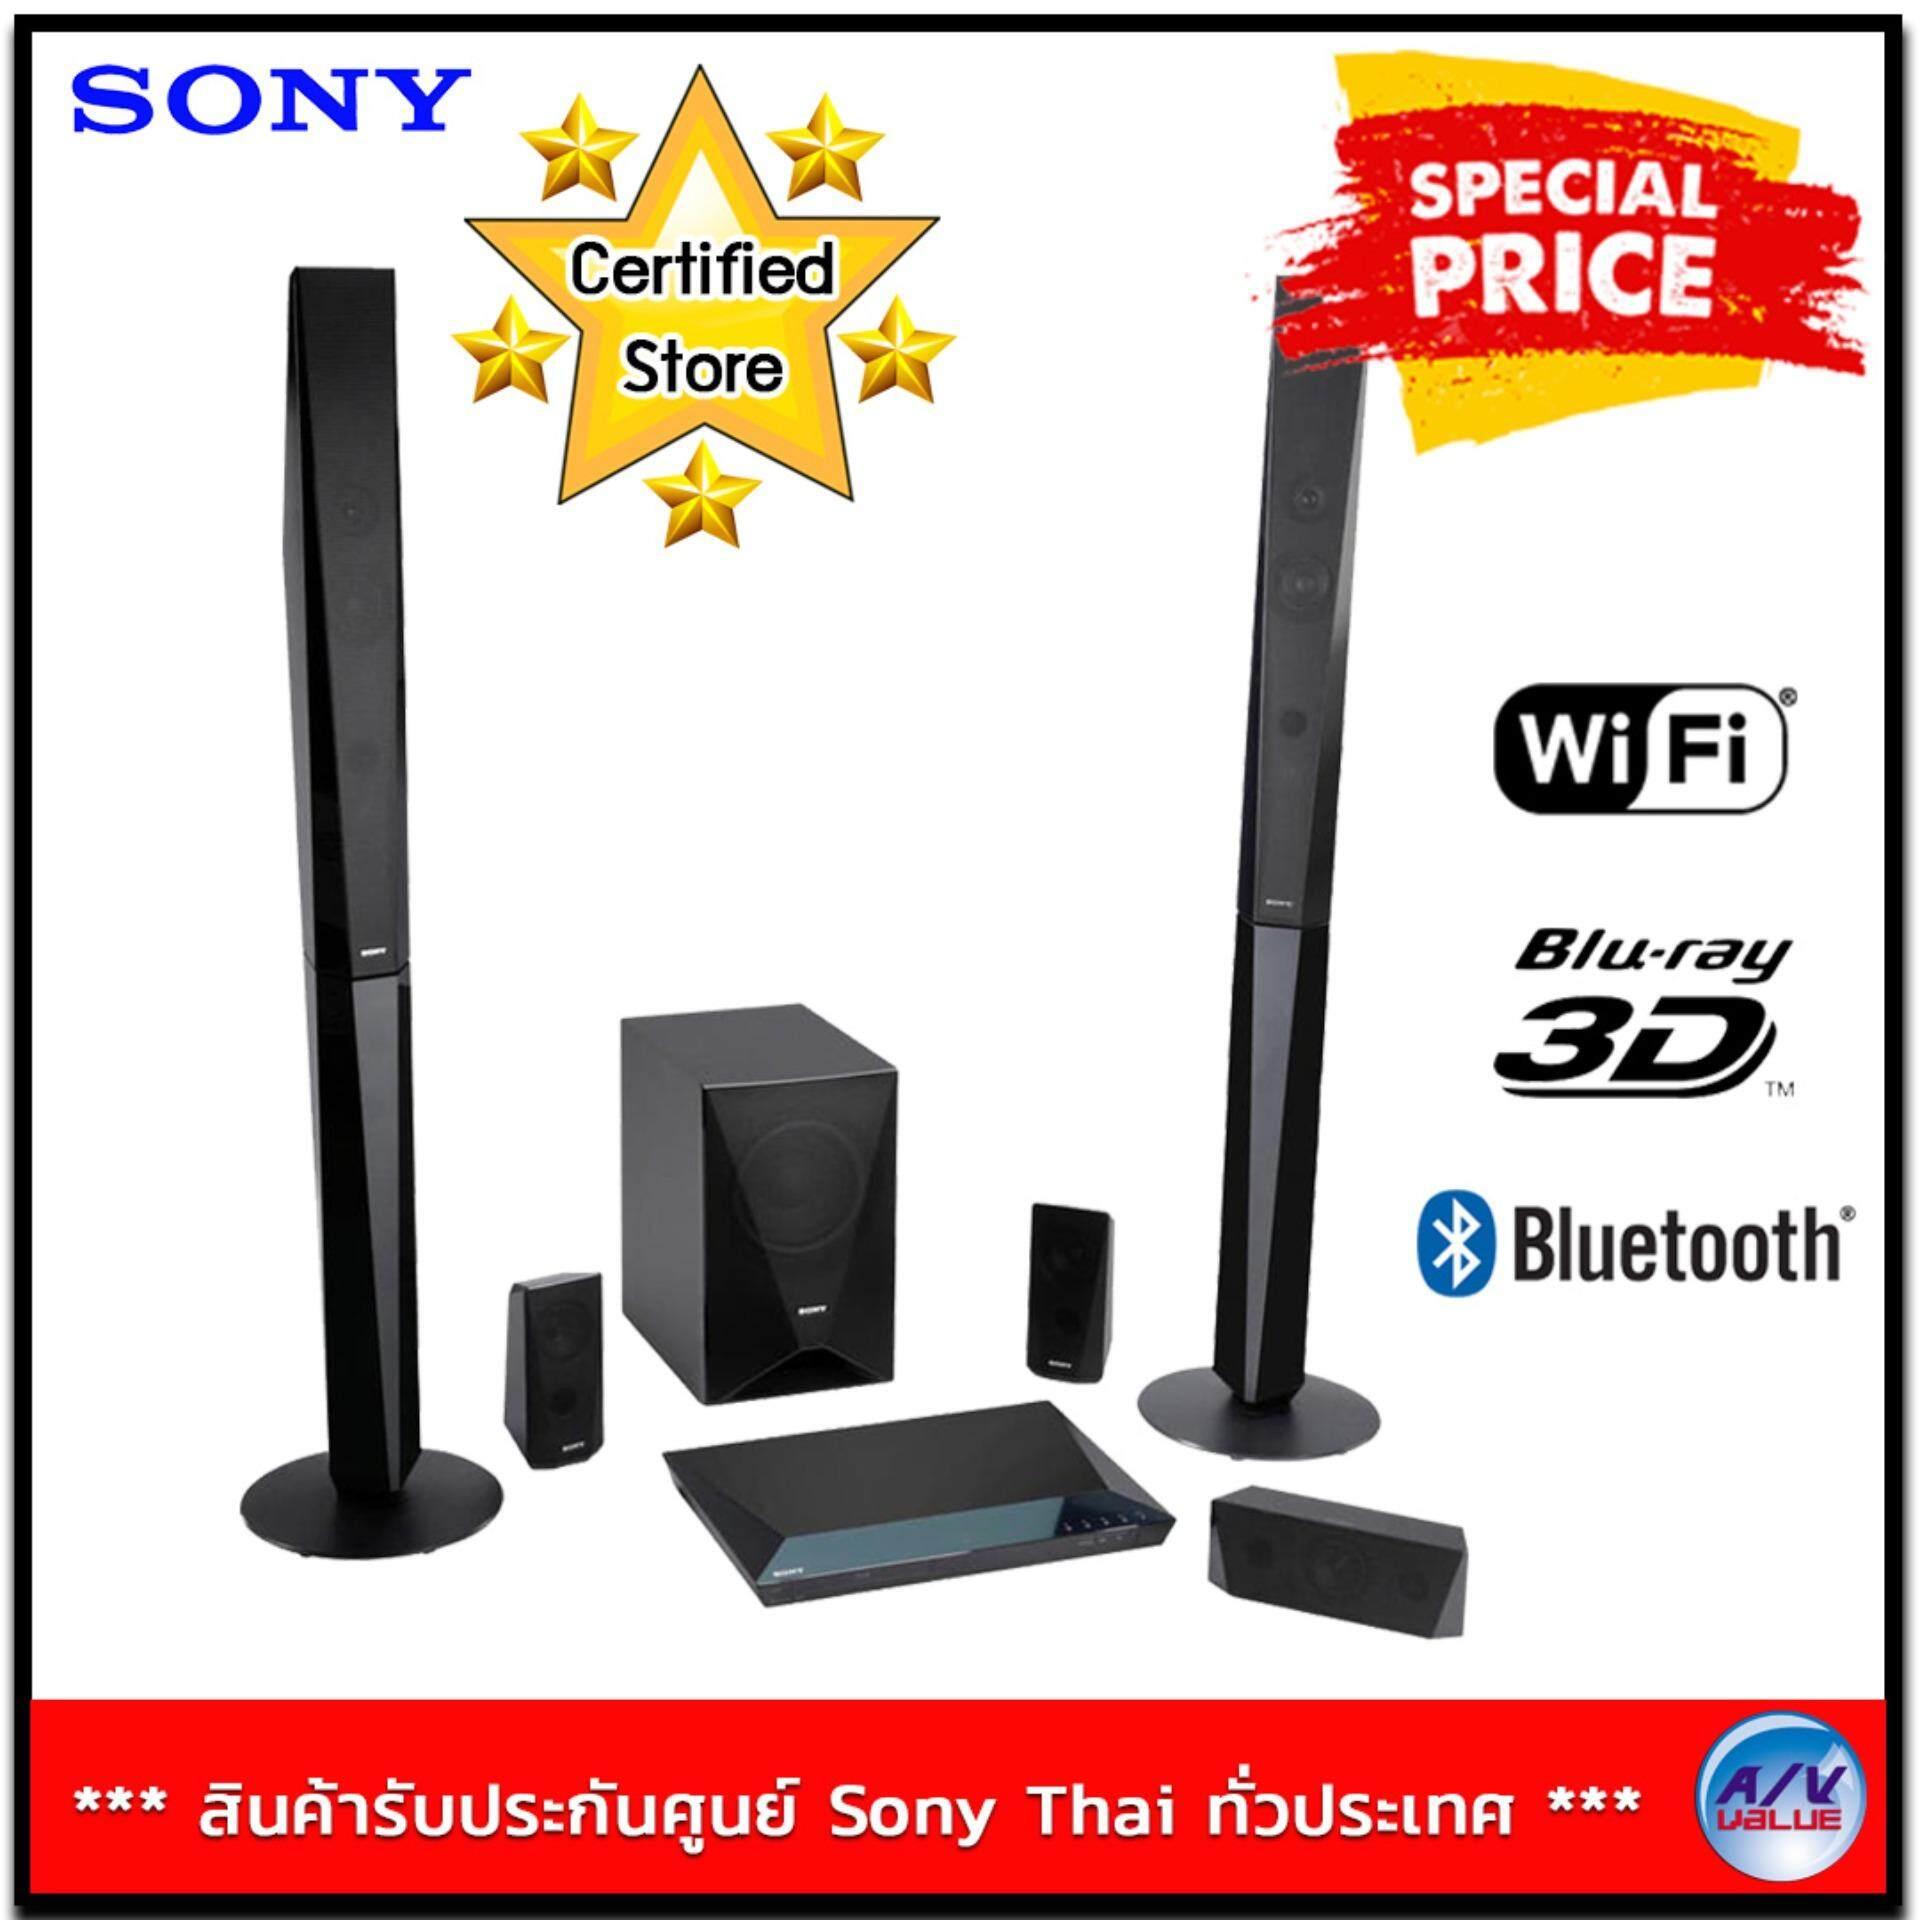 การใช้งาน  กระบี่ Sony ชุดโฮมเธียเตอร์บลูเรย์ รุ่น BDV-E4100 - สีดำ